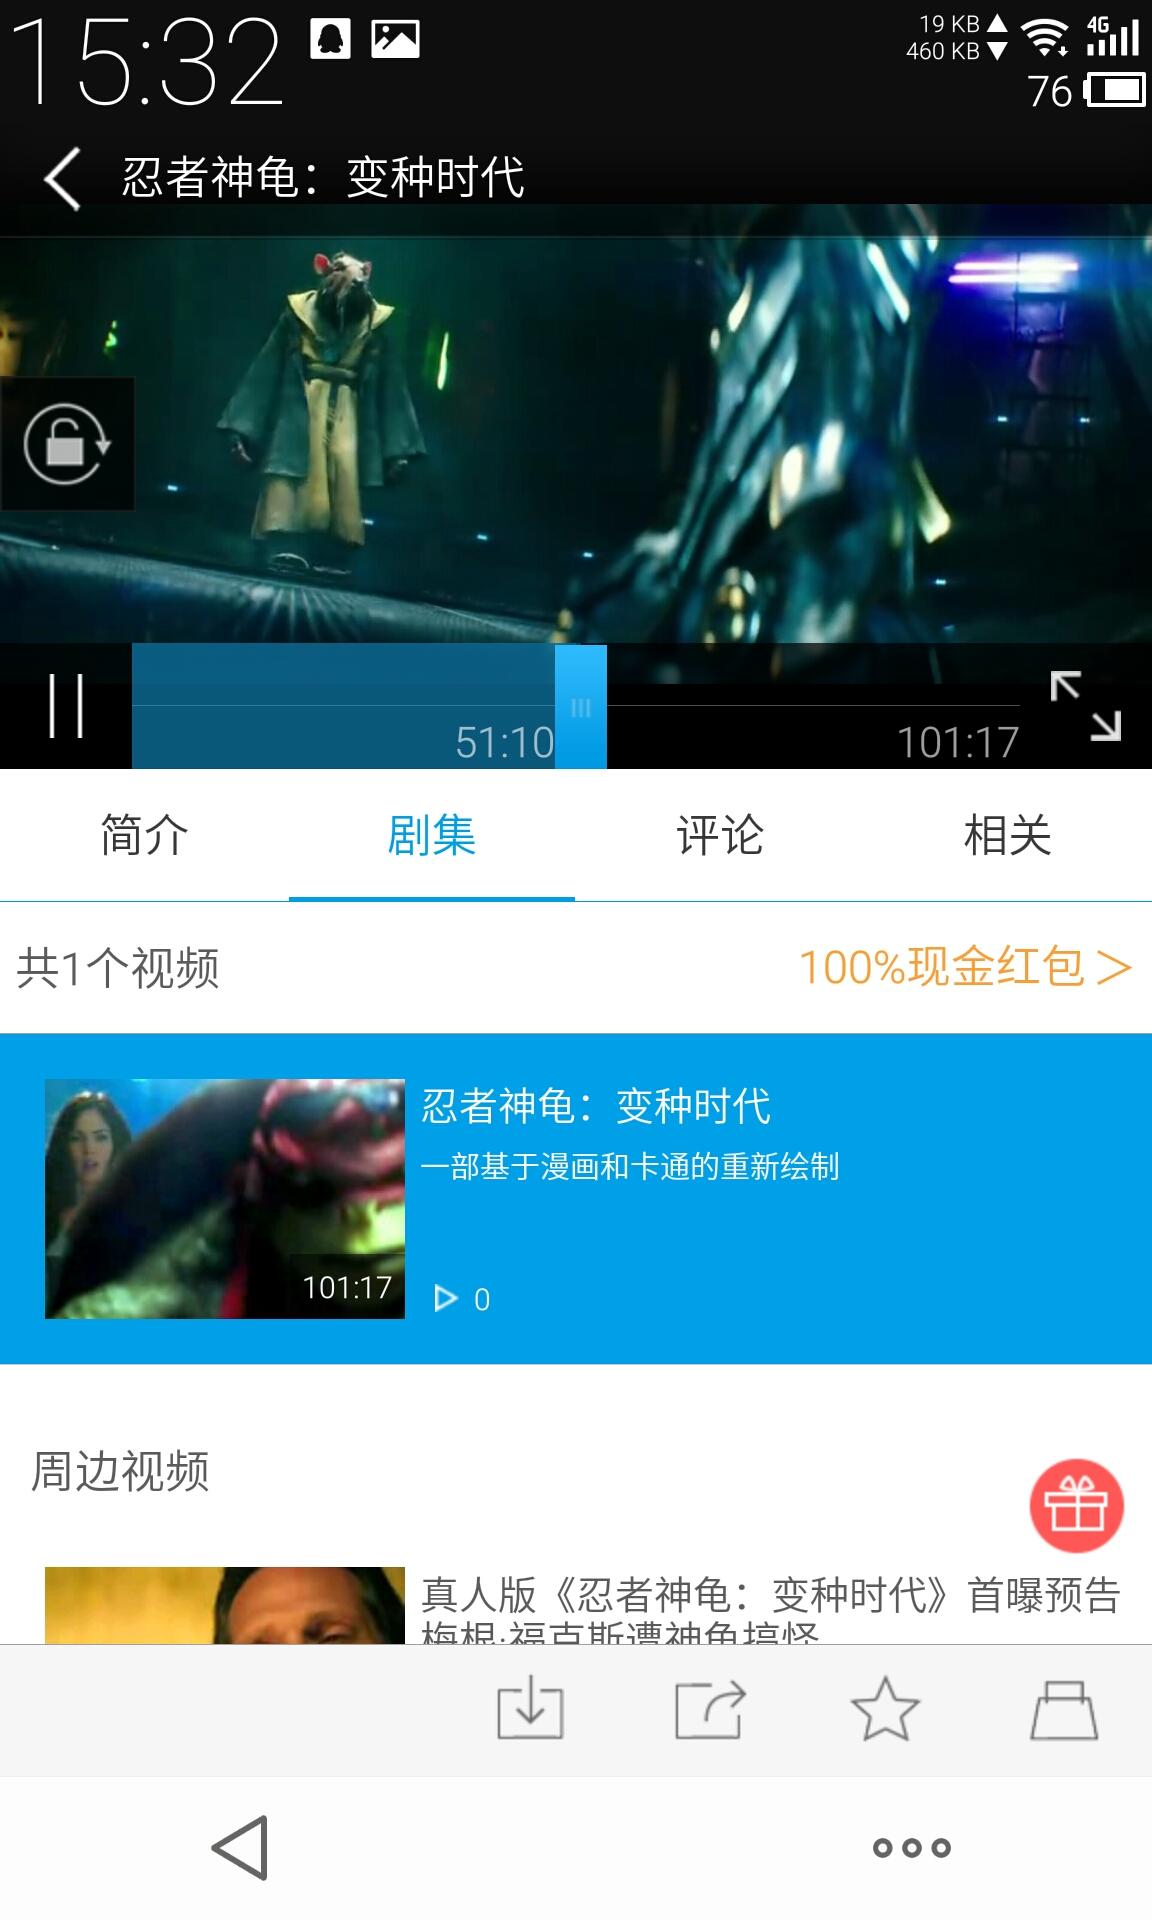 乐视直播破解版apk_乐视视频LeTV 5.7安卓版去广告破解VIP下载 | 大侠阿木